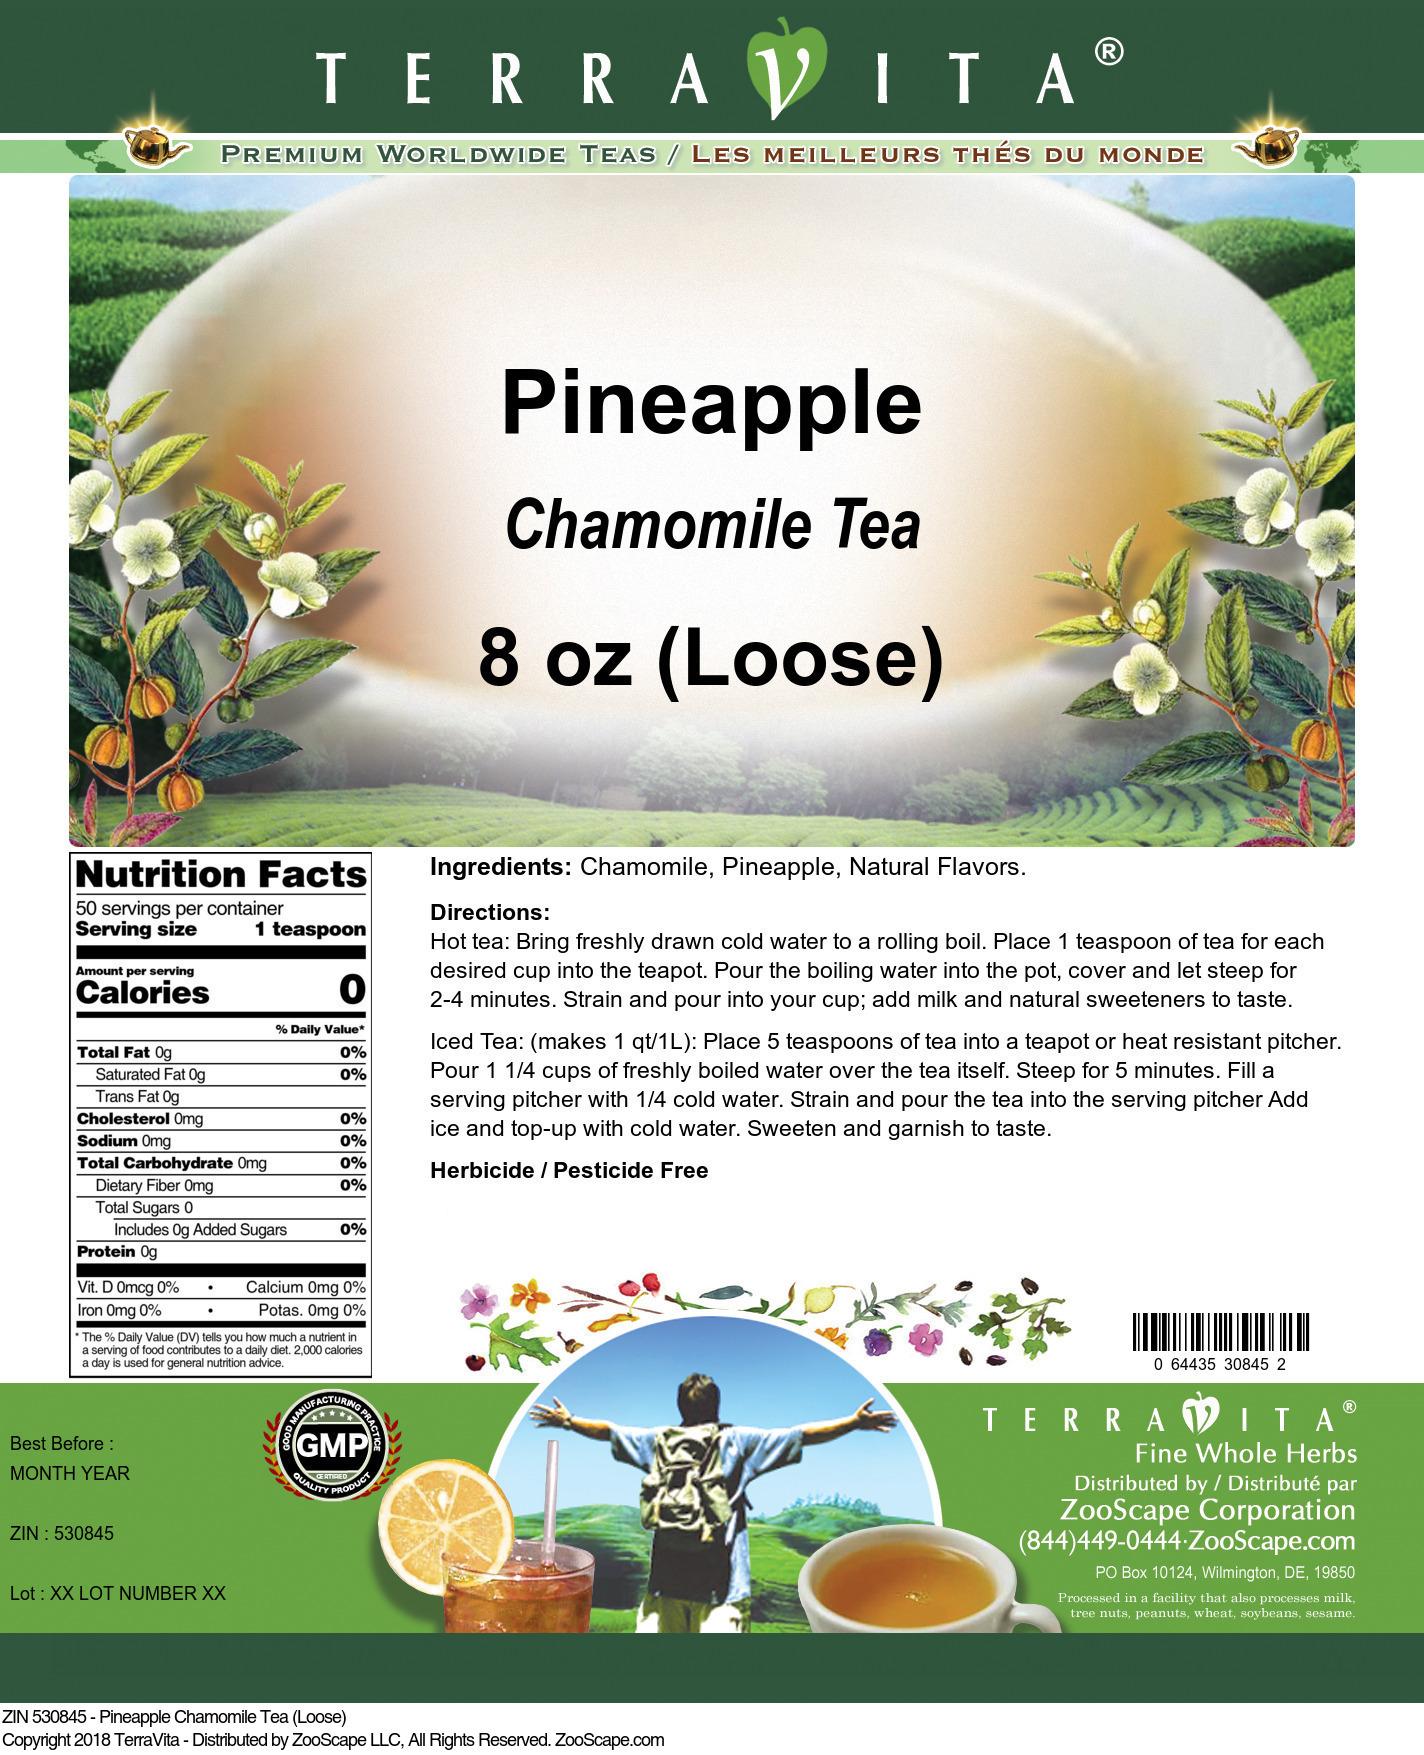 Pineapple Chamomile Tea (Loose)